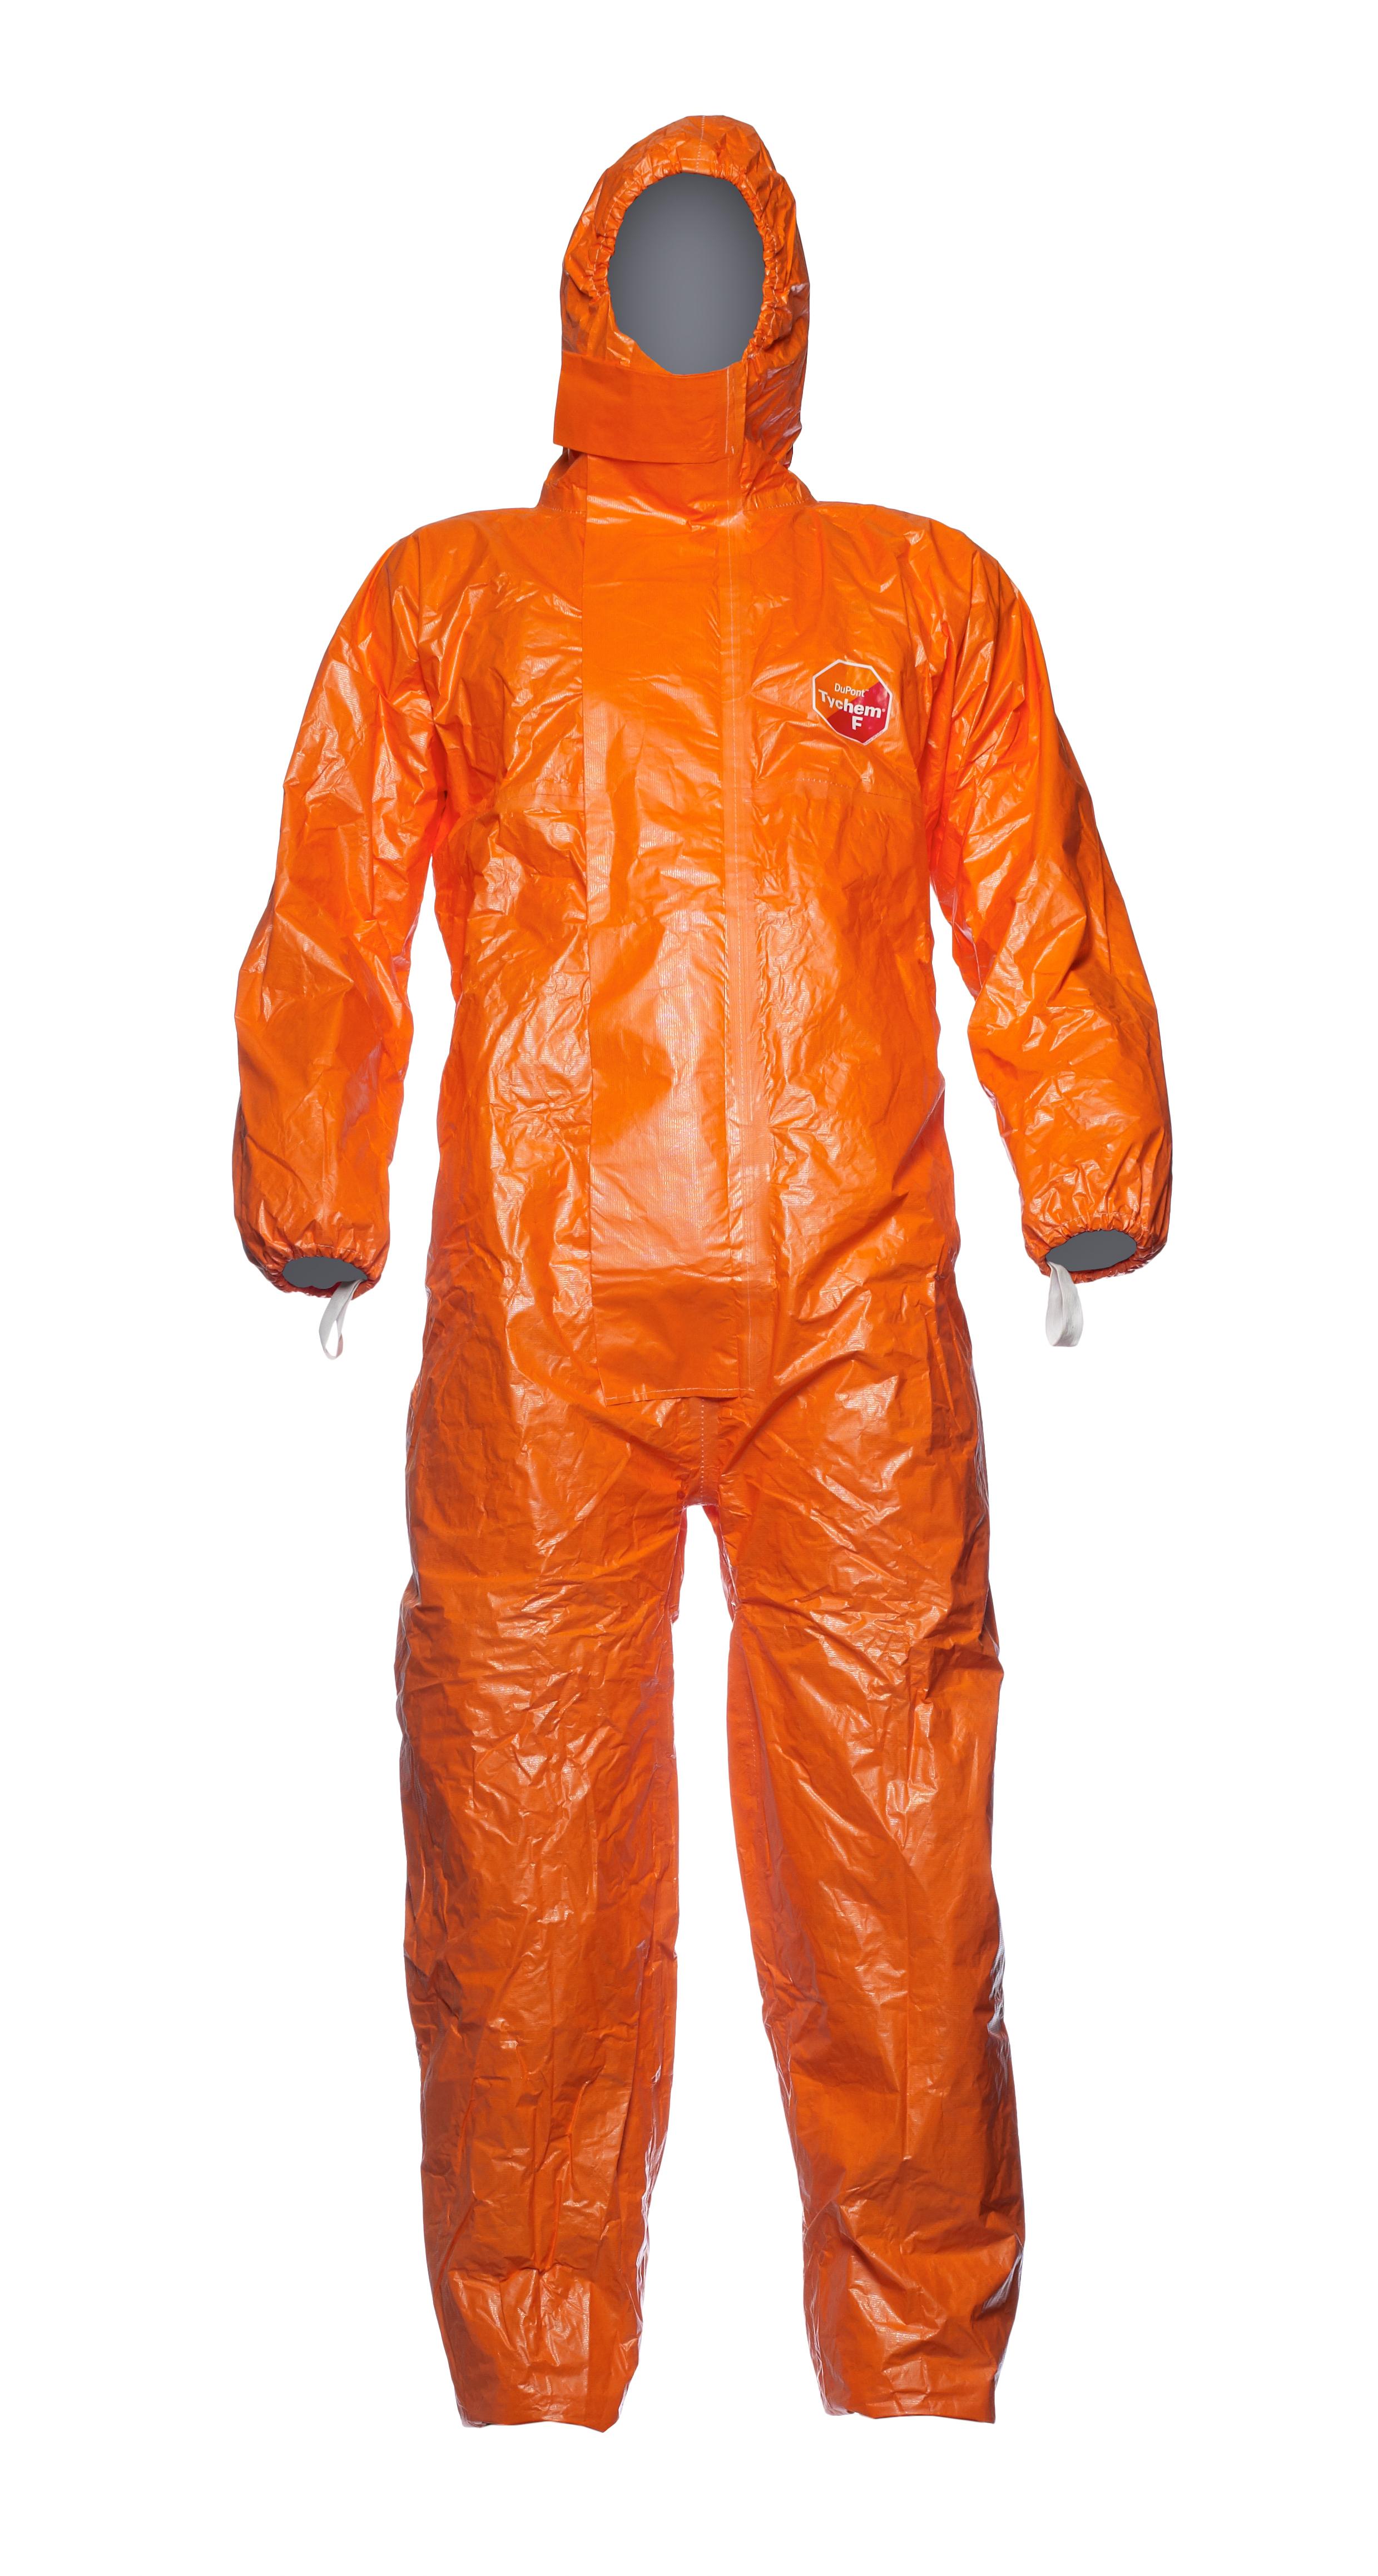 Schutzoverall Tychem F orange Gr. XXL